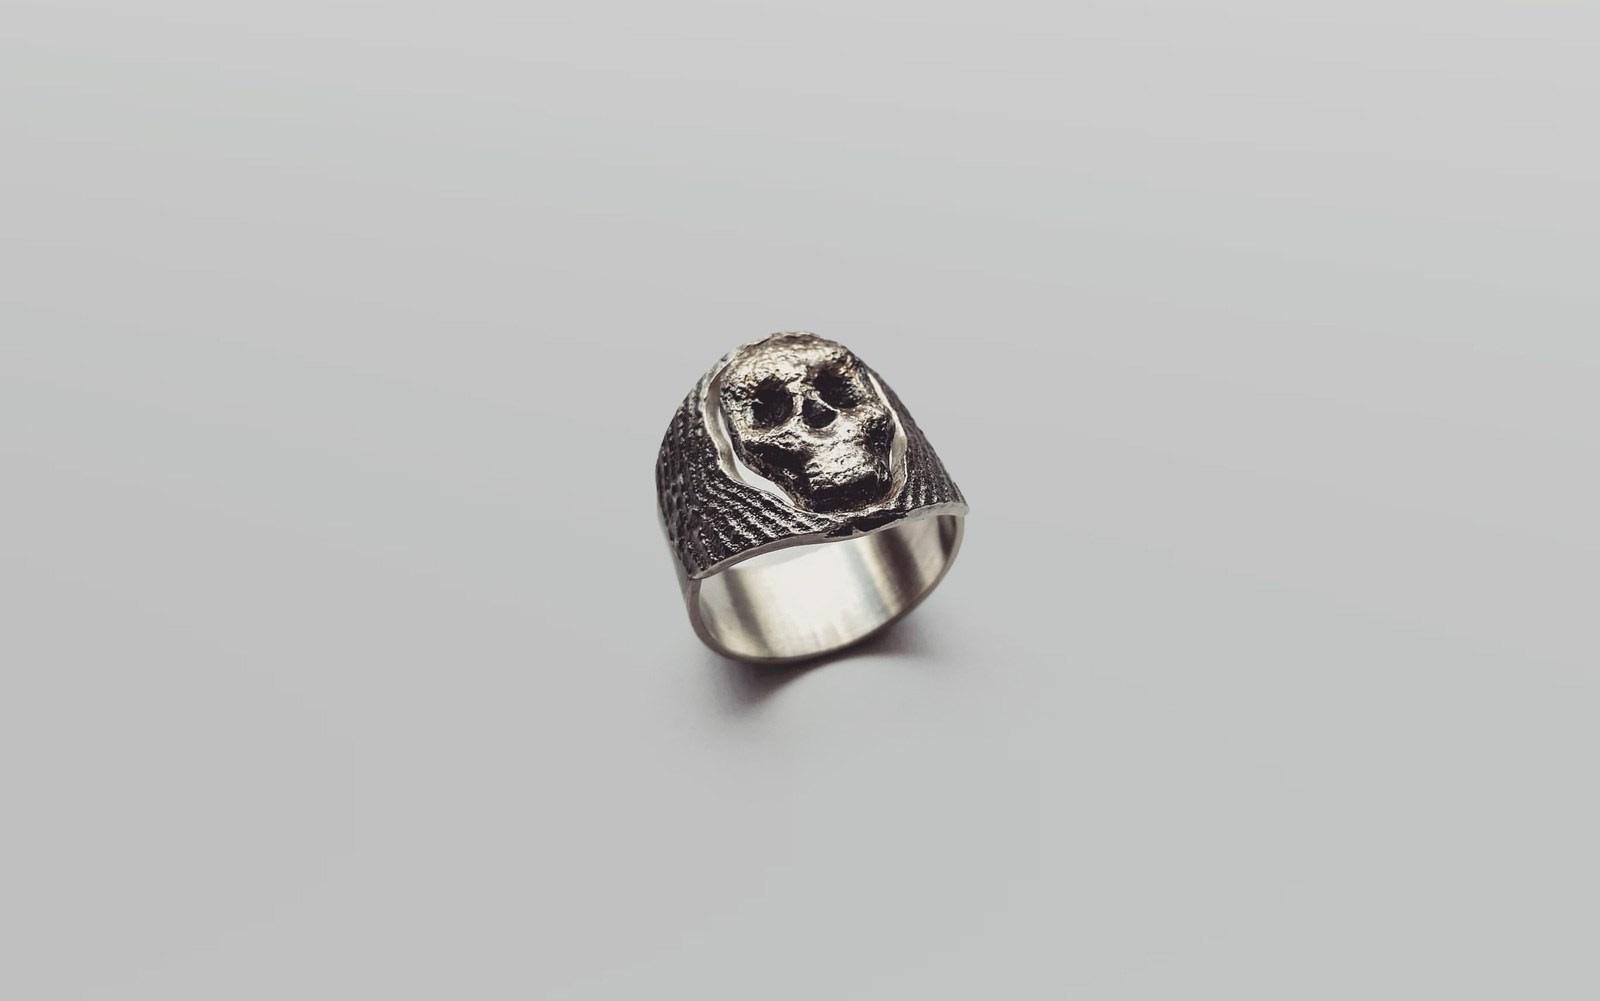 Ring / OssaSepia-Guss Silber